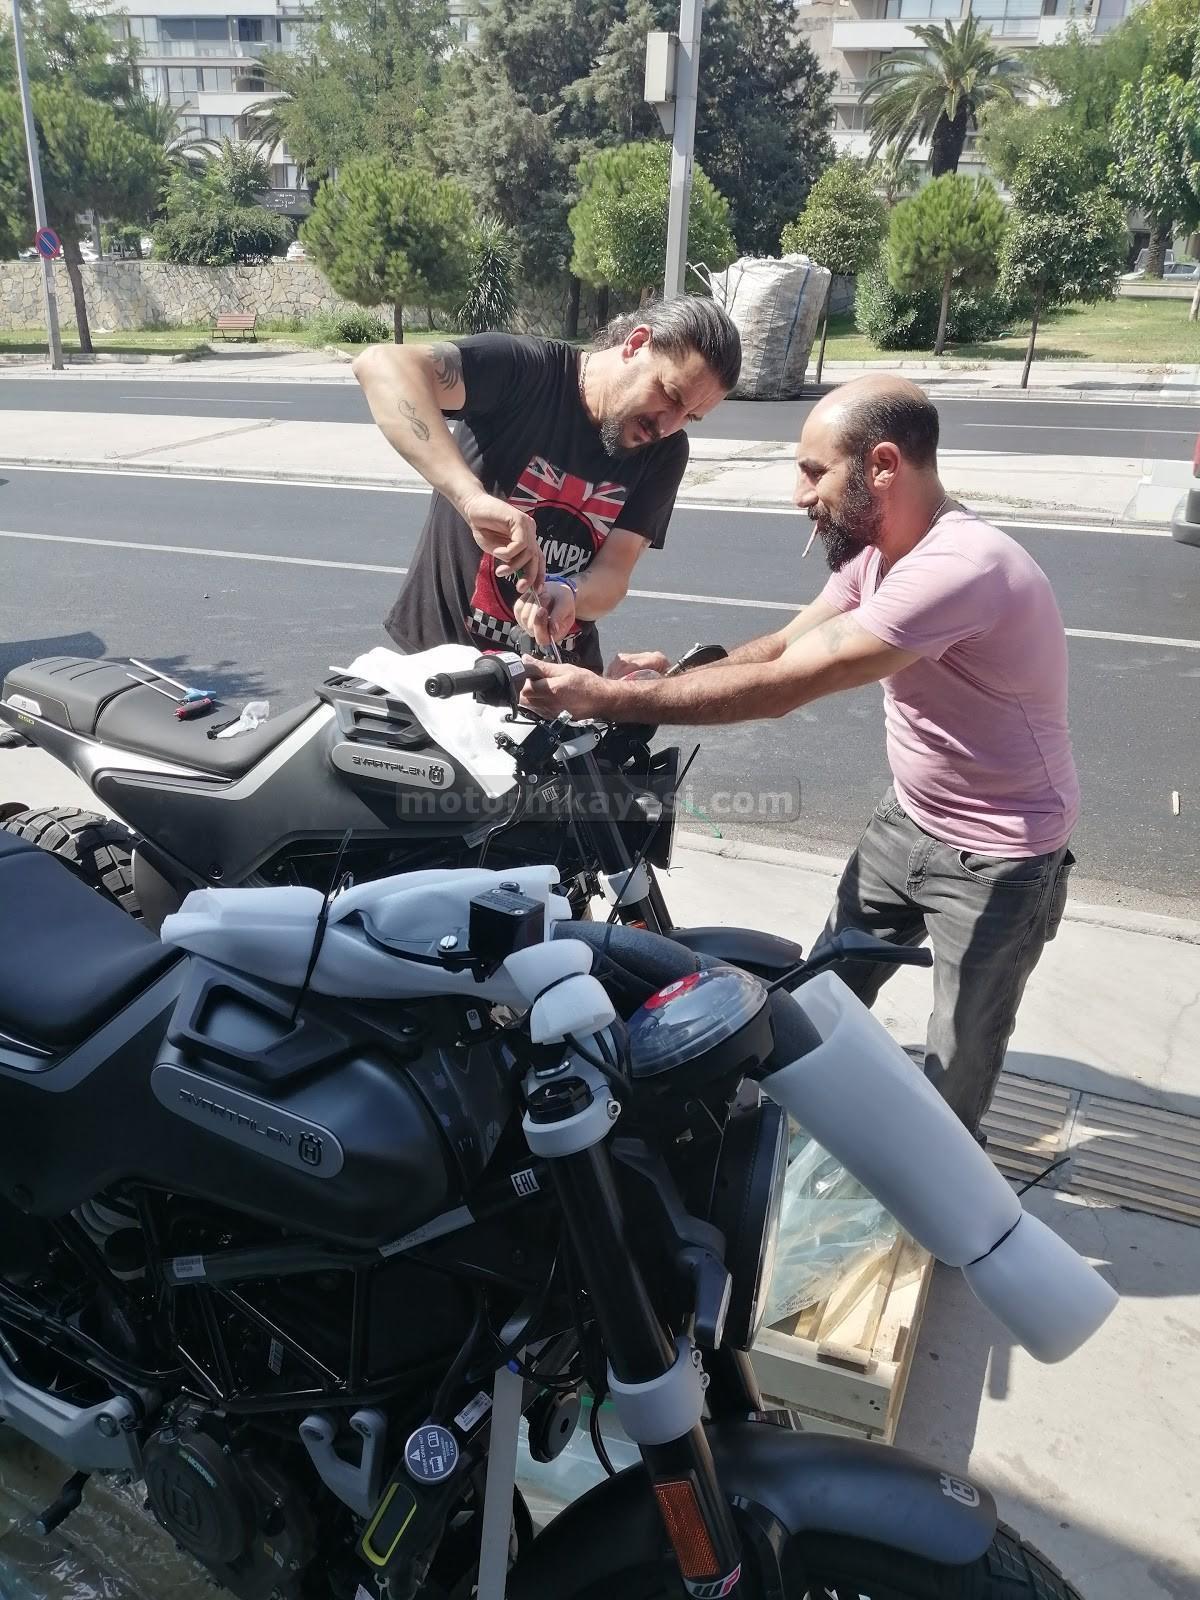 sıfır motosiklet nasıl gelir - montaj 1